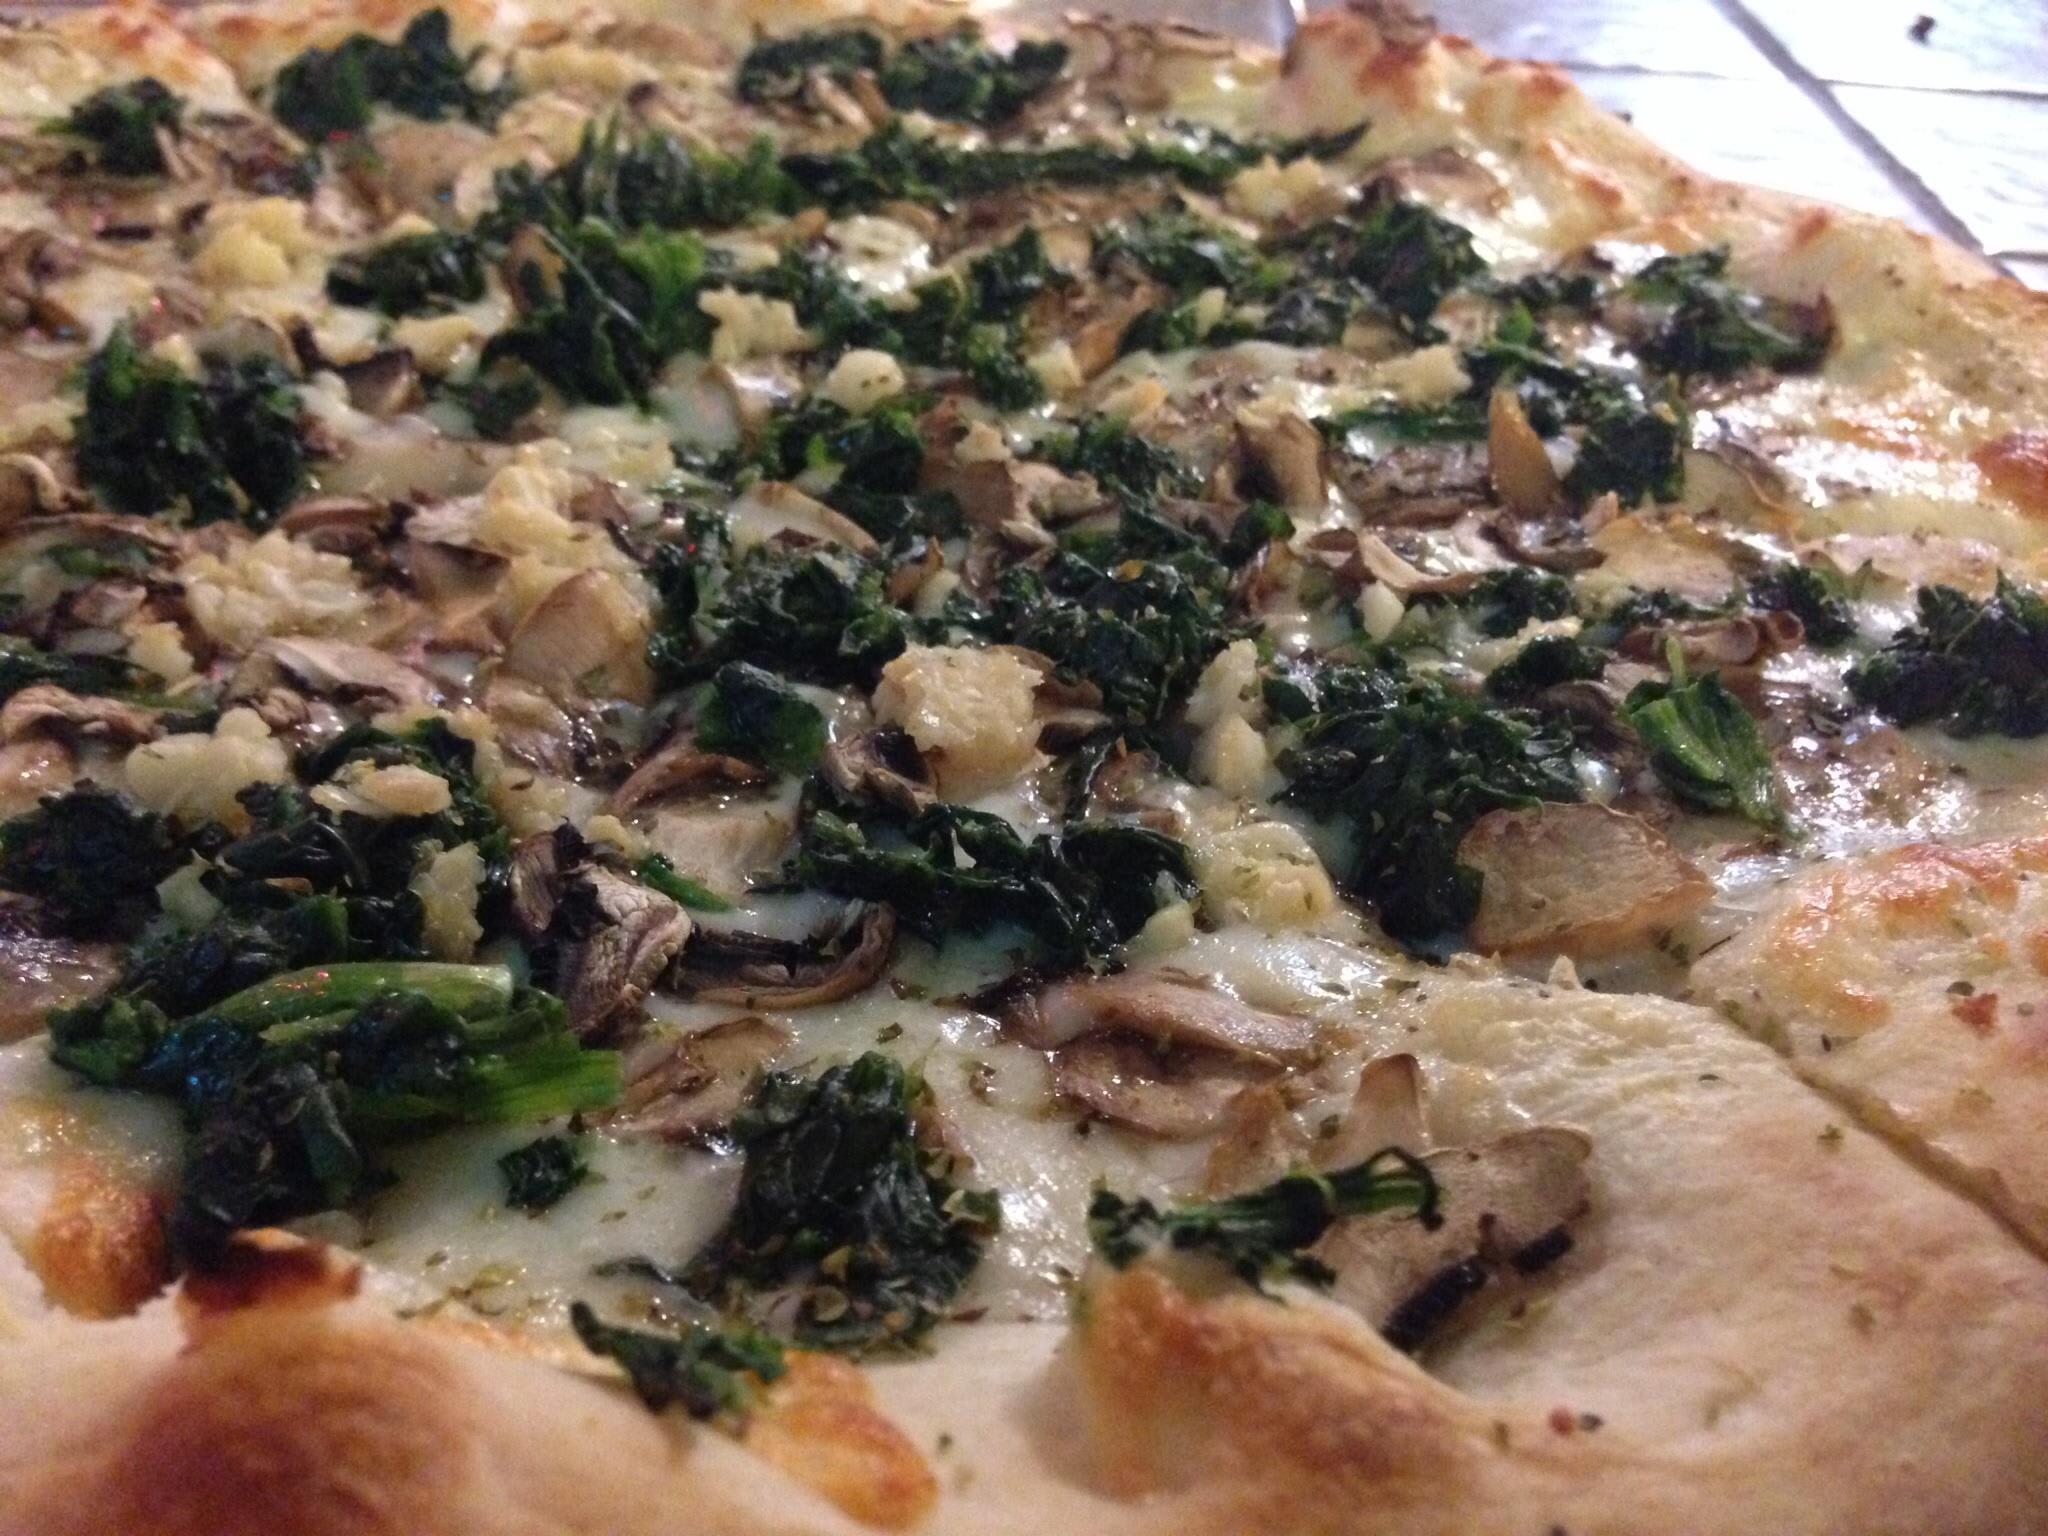 Photo at Antonio's Pizzeria & Italian Restaurant